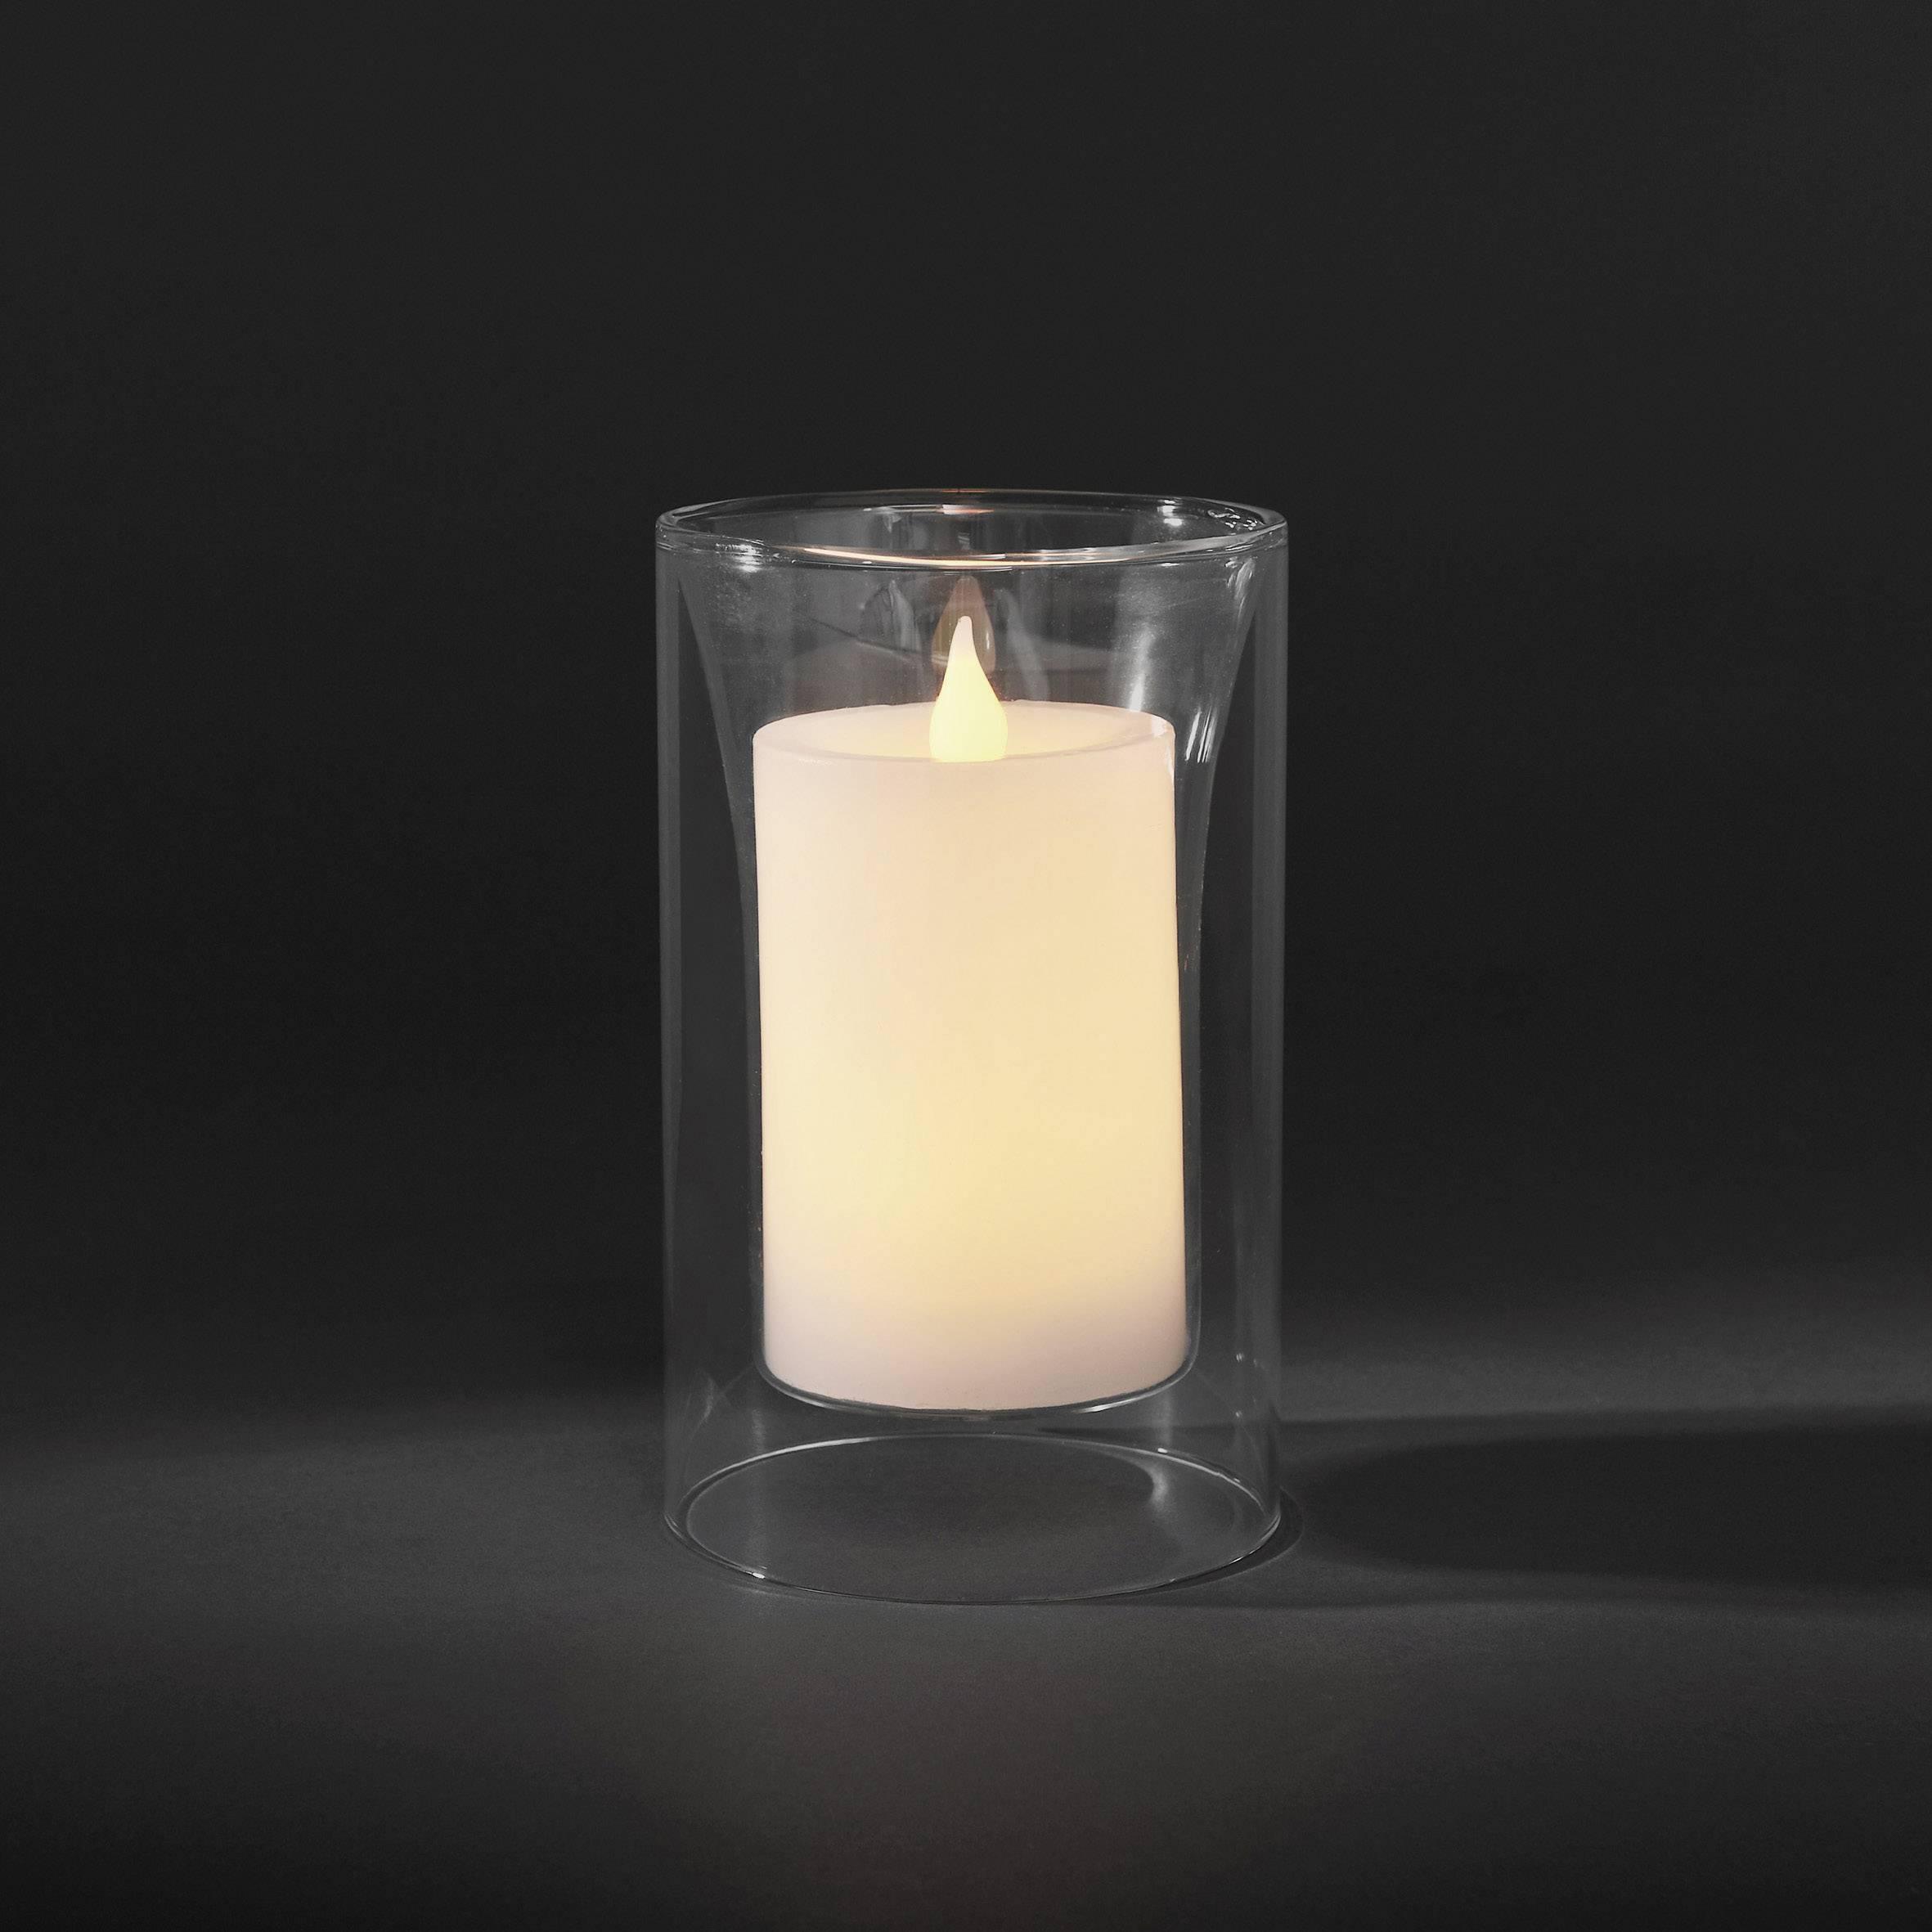 Dekorativní LED svíčka Konstsmide, 11 x 19 cm, bílá